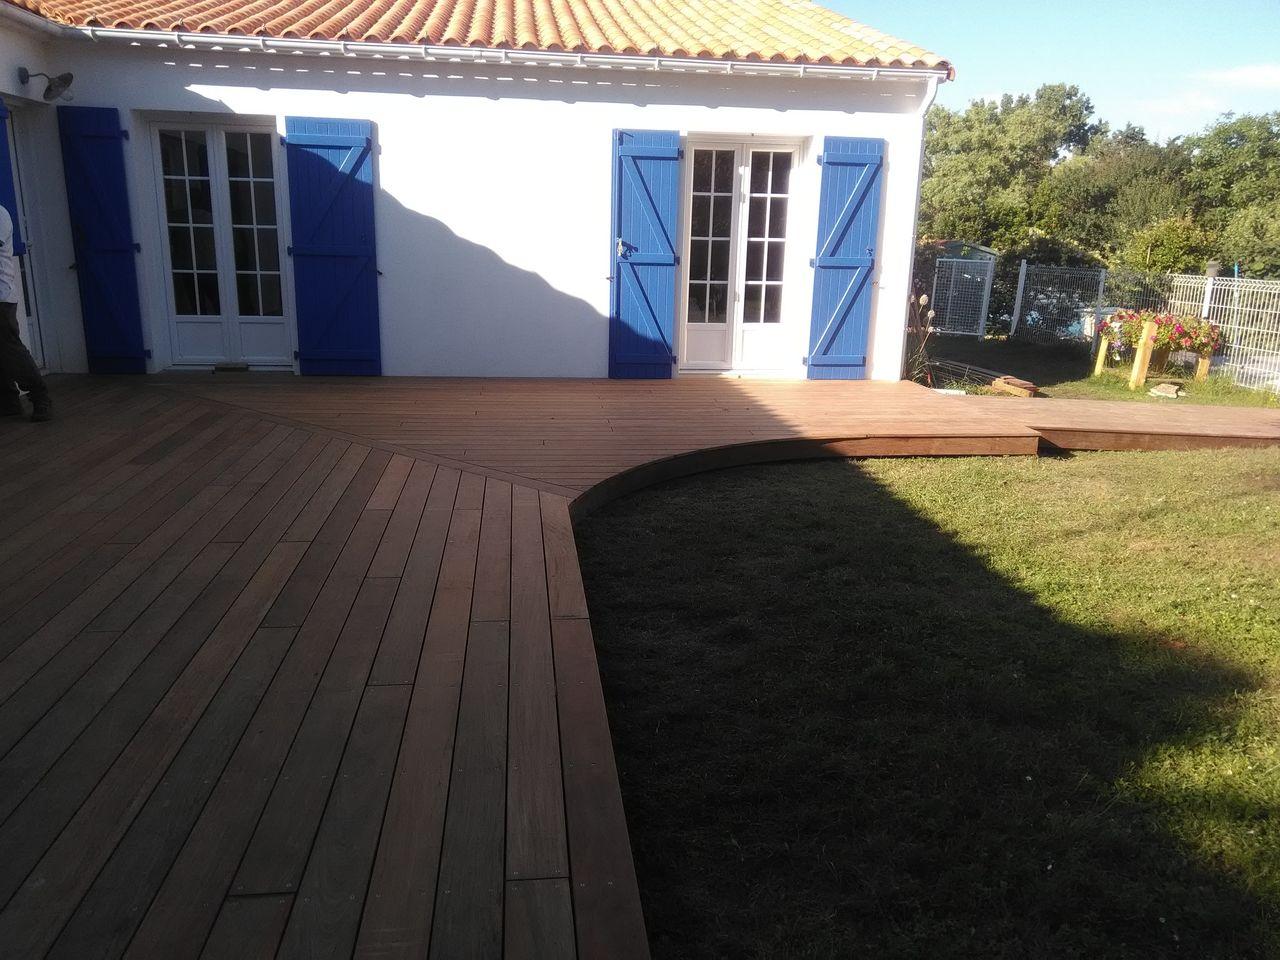 terrasse ipé à grues en vendée - autour du bois concept